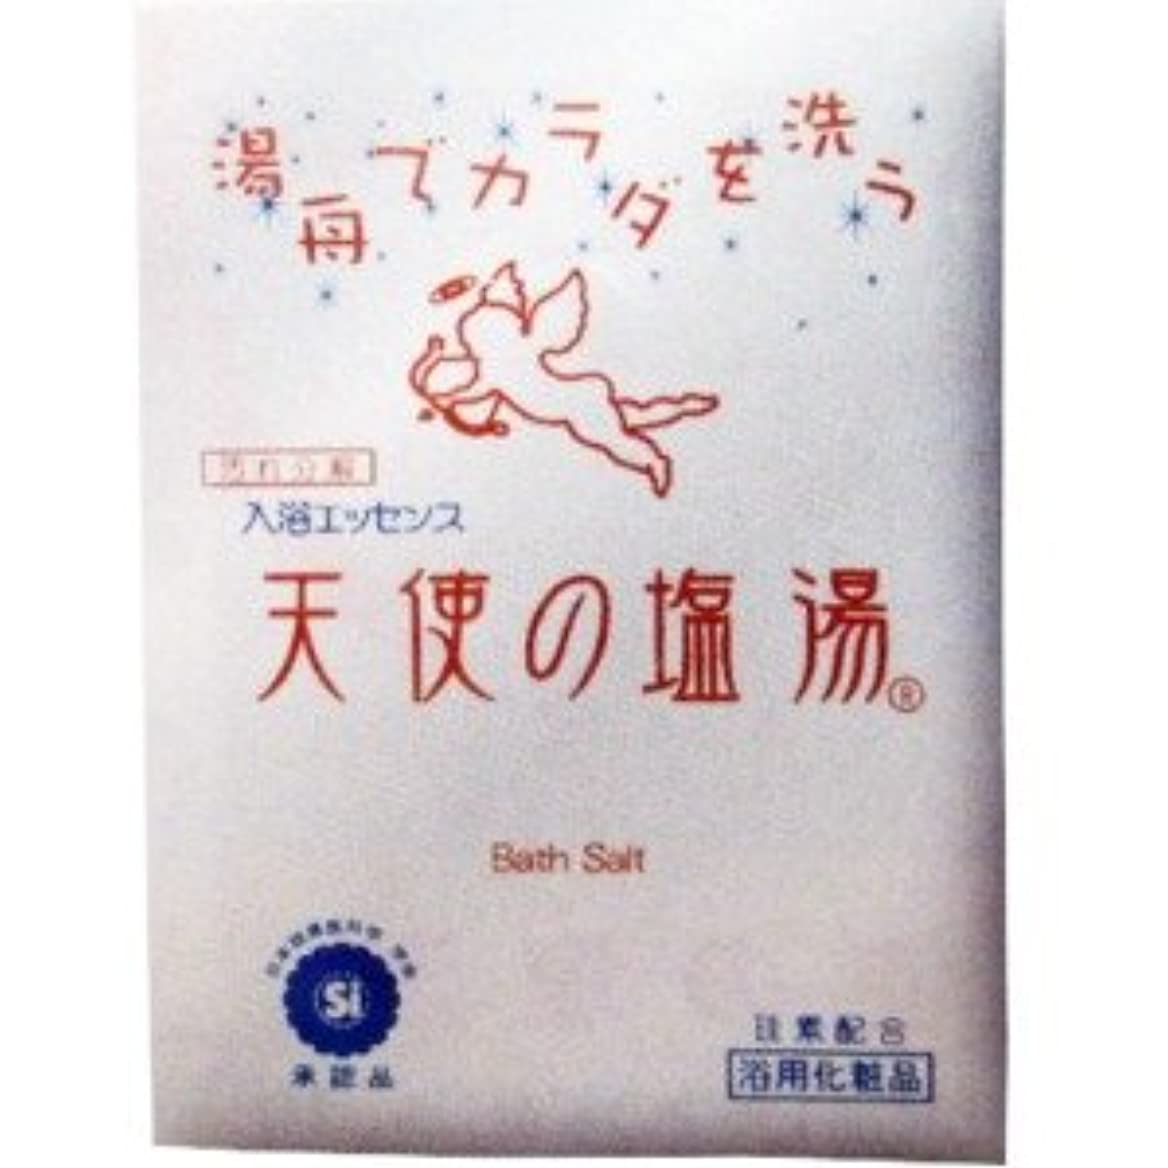 パスタシャーお勧め【日本製】入浴エッセンス天使の塩湯